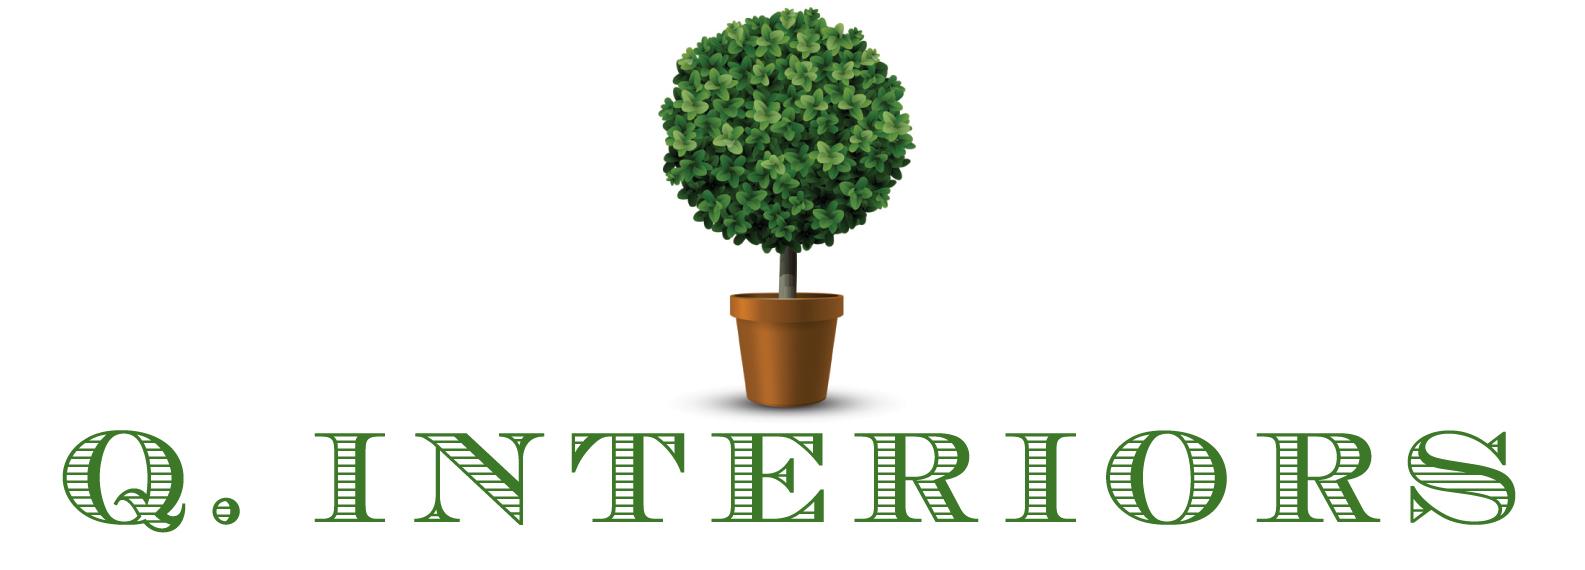 q-interiors-topiary-logo-greener.jpg